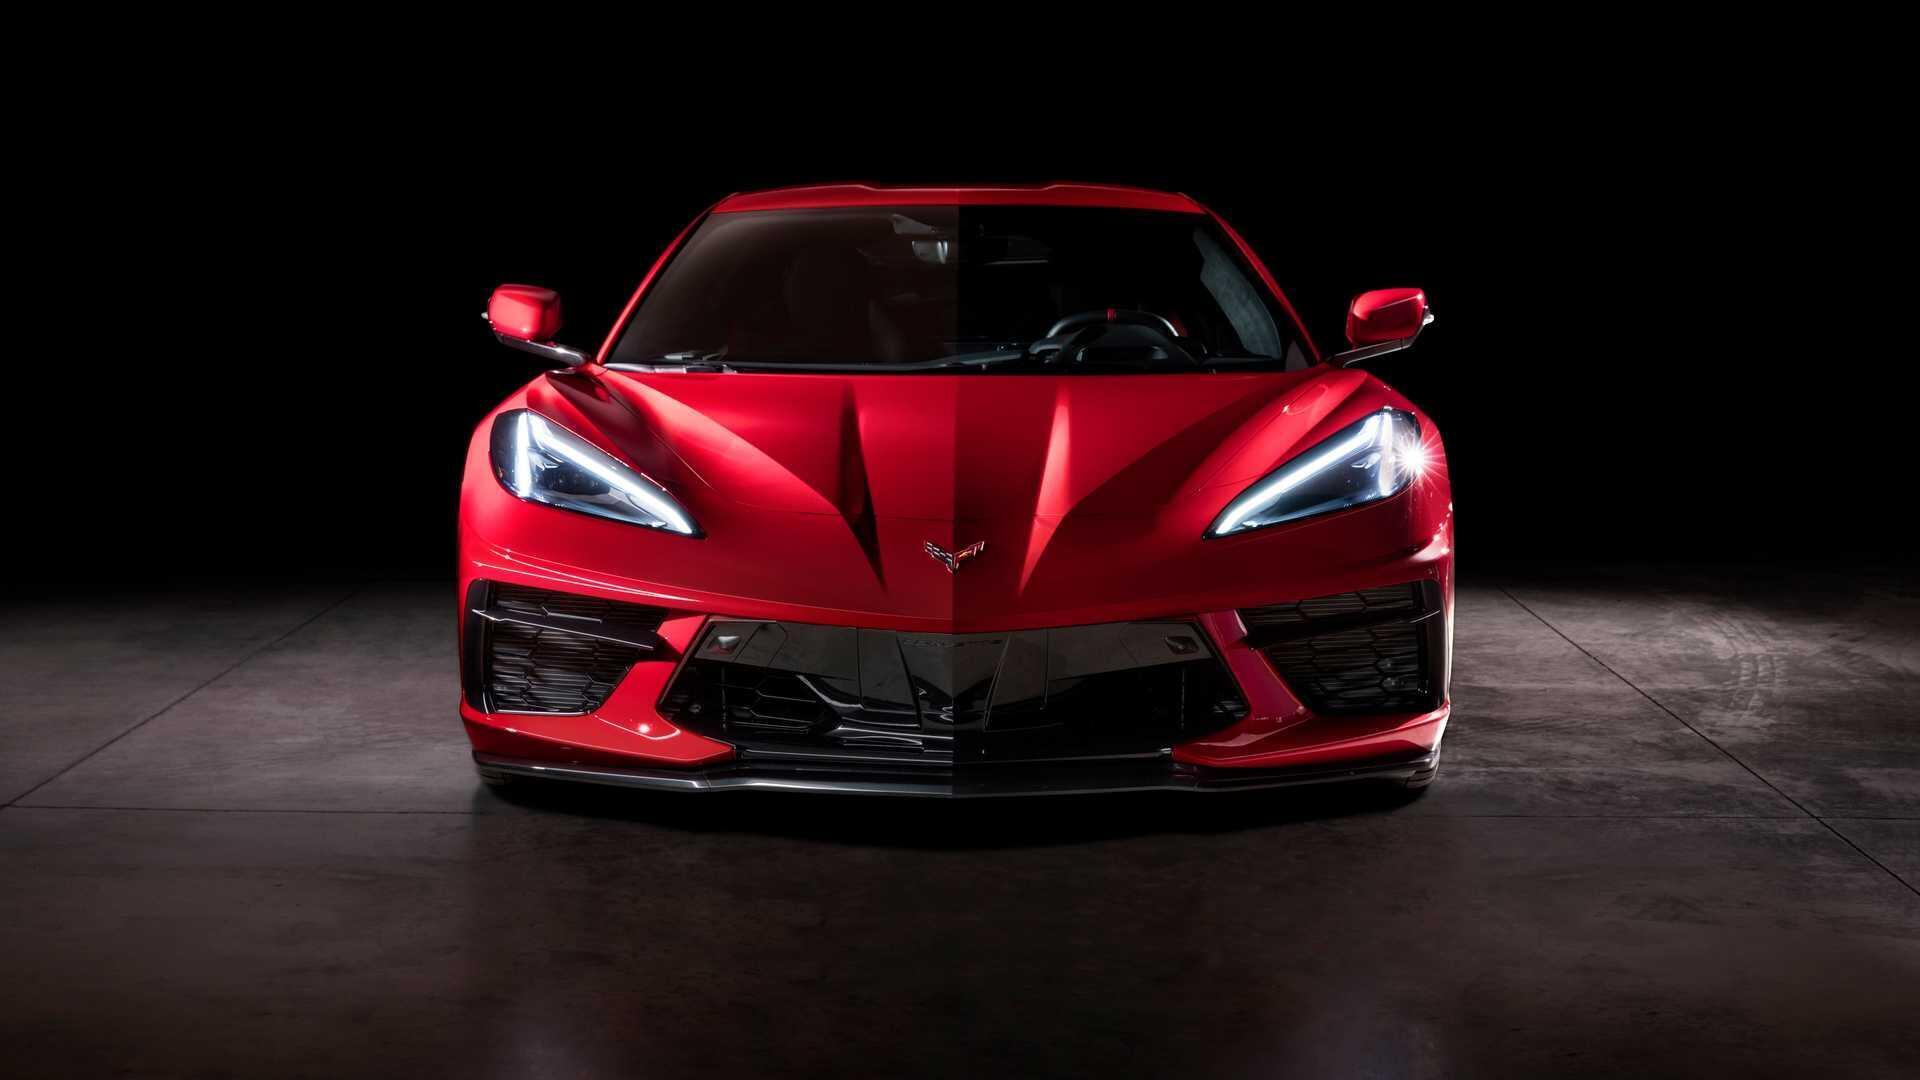 https://cdn.dailyxe.com.vn/image/chevrolet-corvette-2020-co-mot-so-tinh-nang-an-tuyet-voi-59-94555j2.jpg